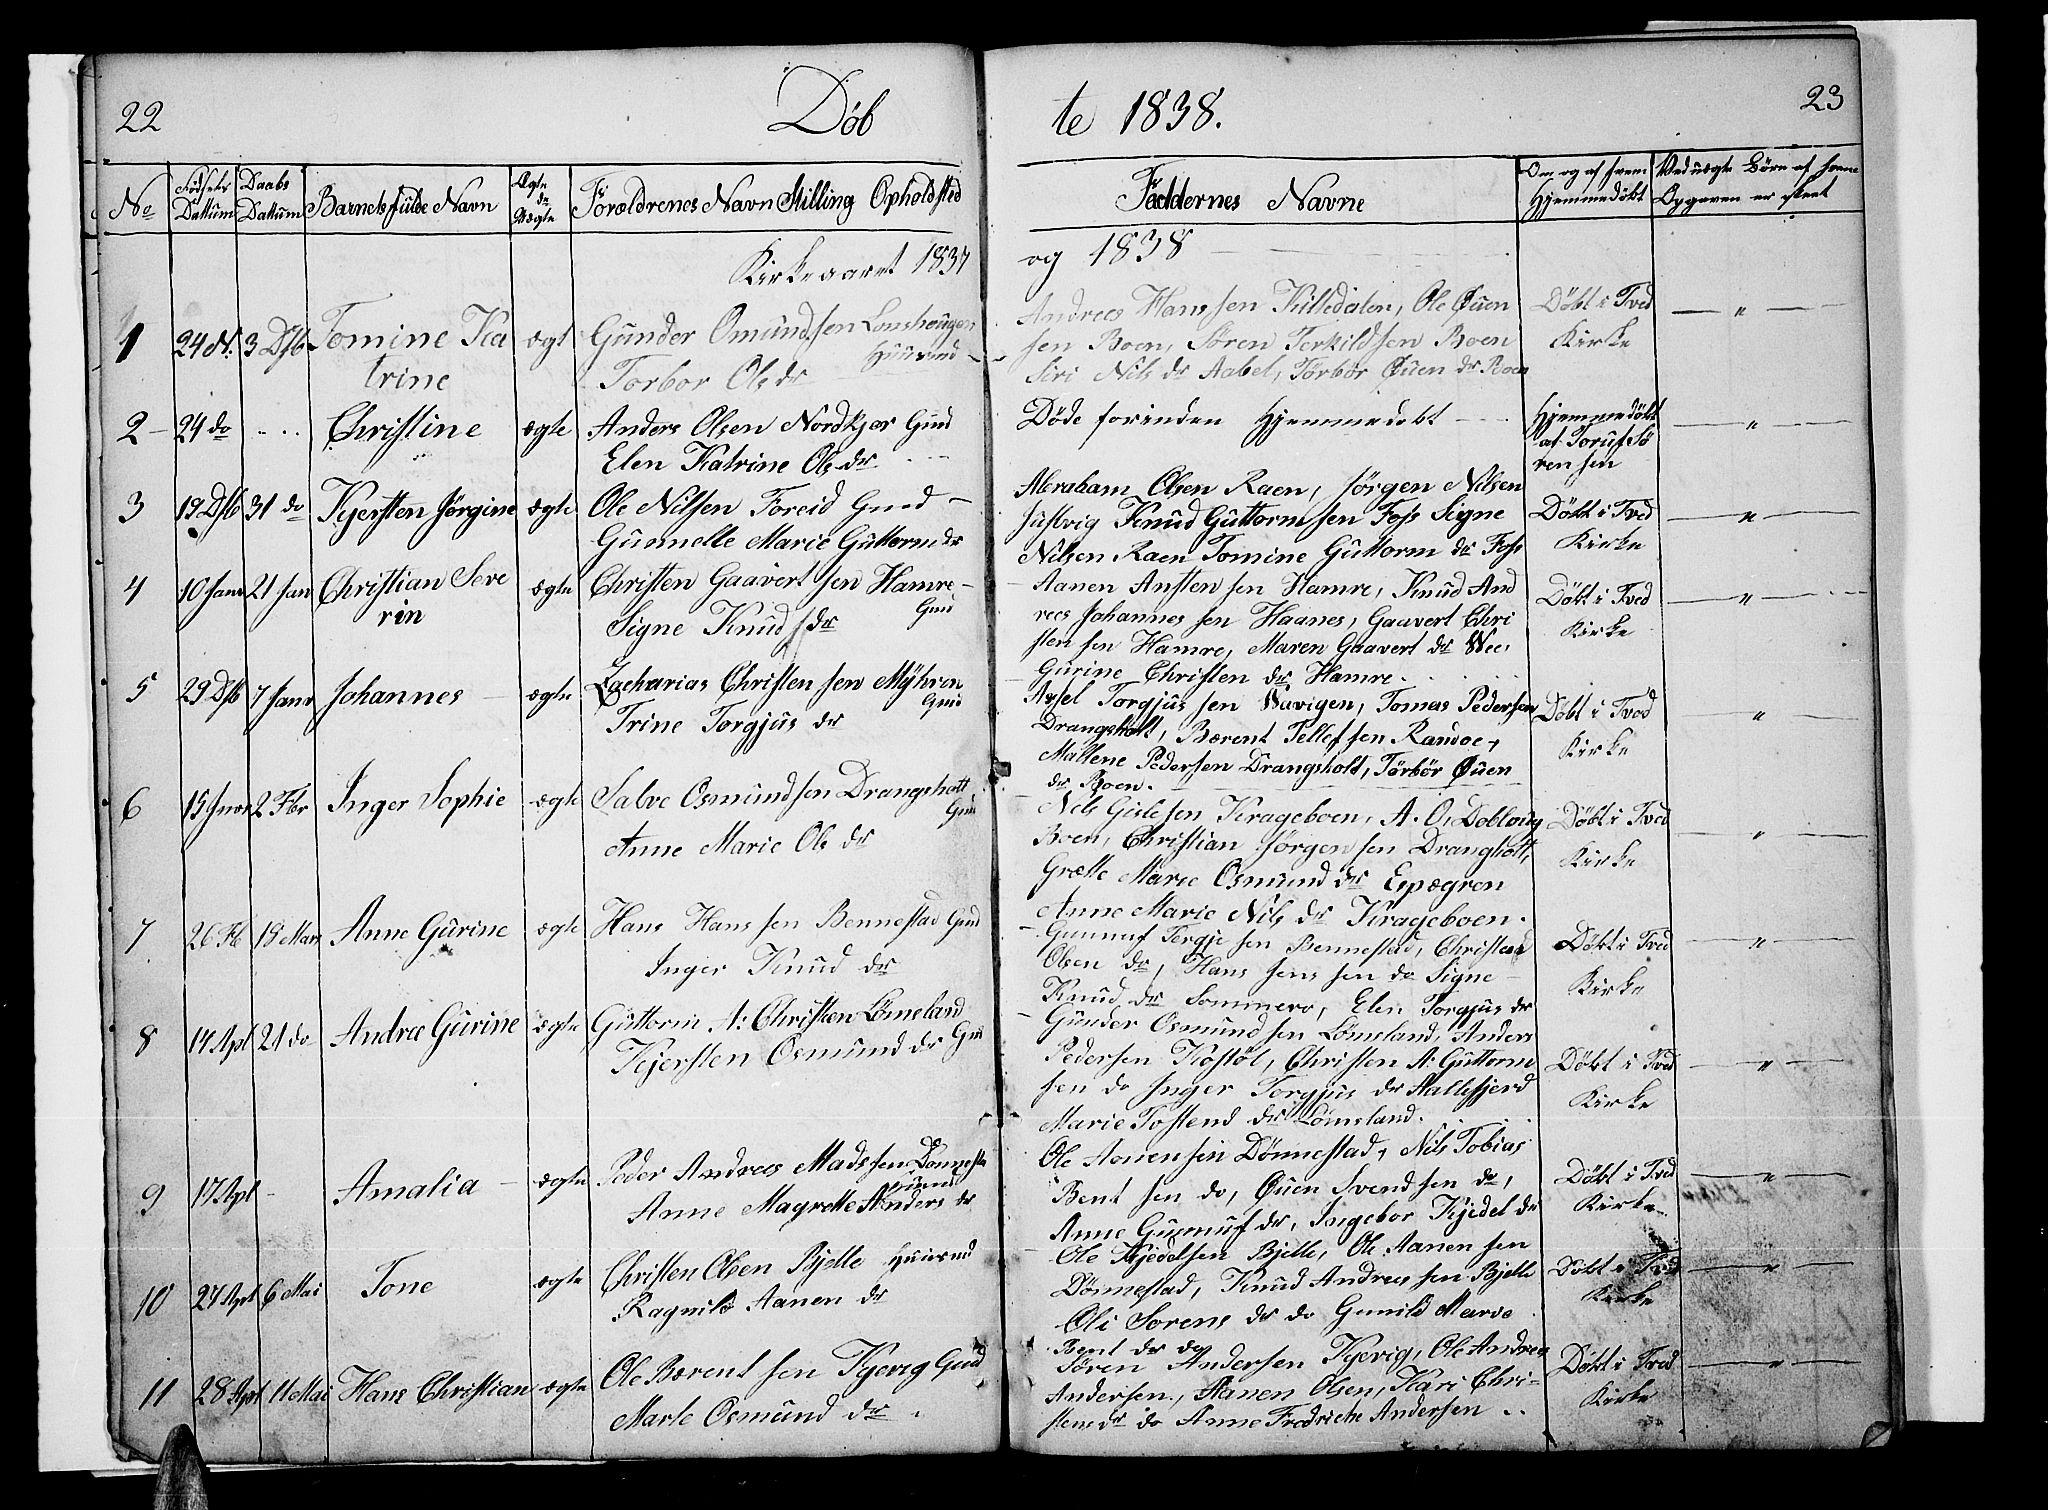 SAK, Tveit sokneprestkontor, F/Fb/L0002: Klokkerbok nr. B 2, 1835-1854, s. 22-23